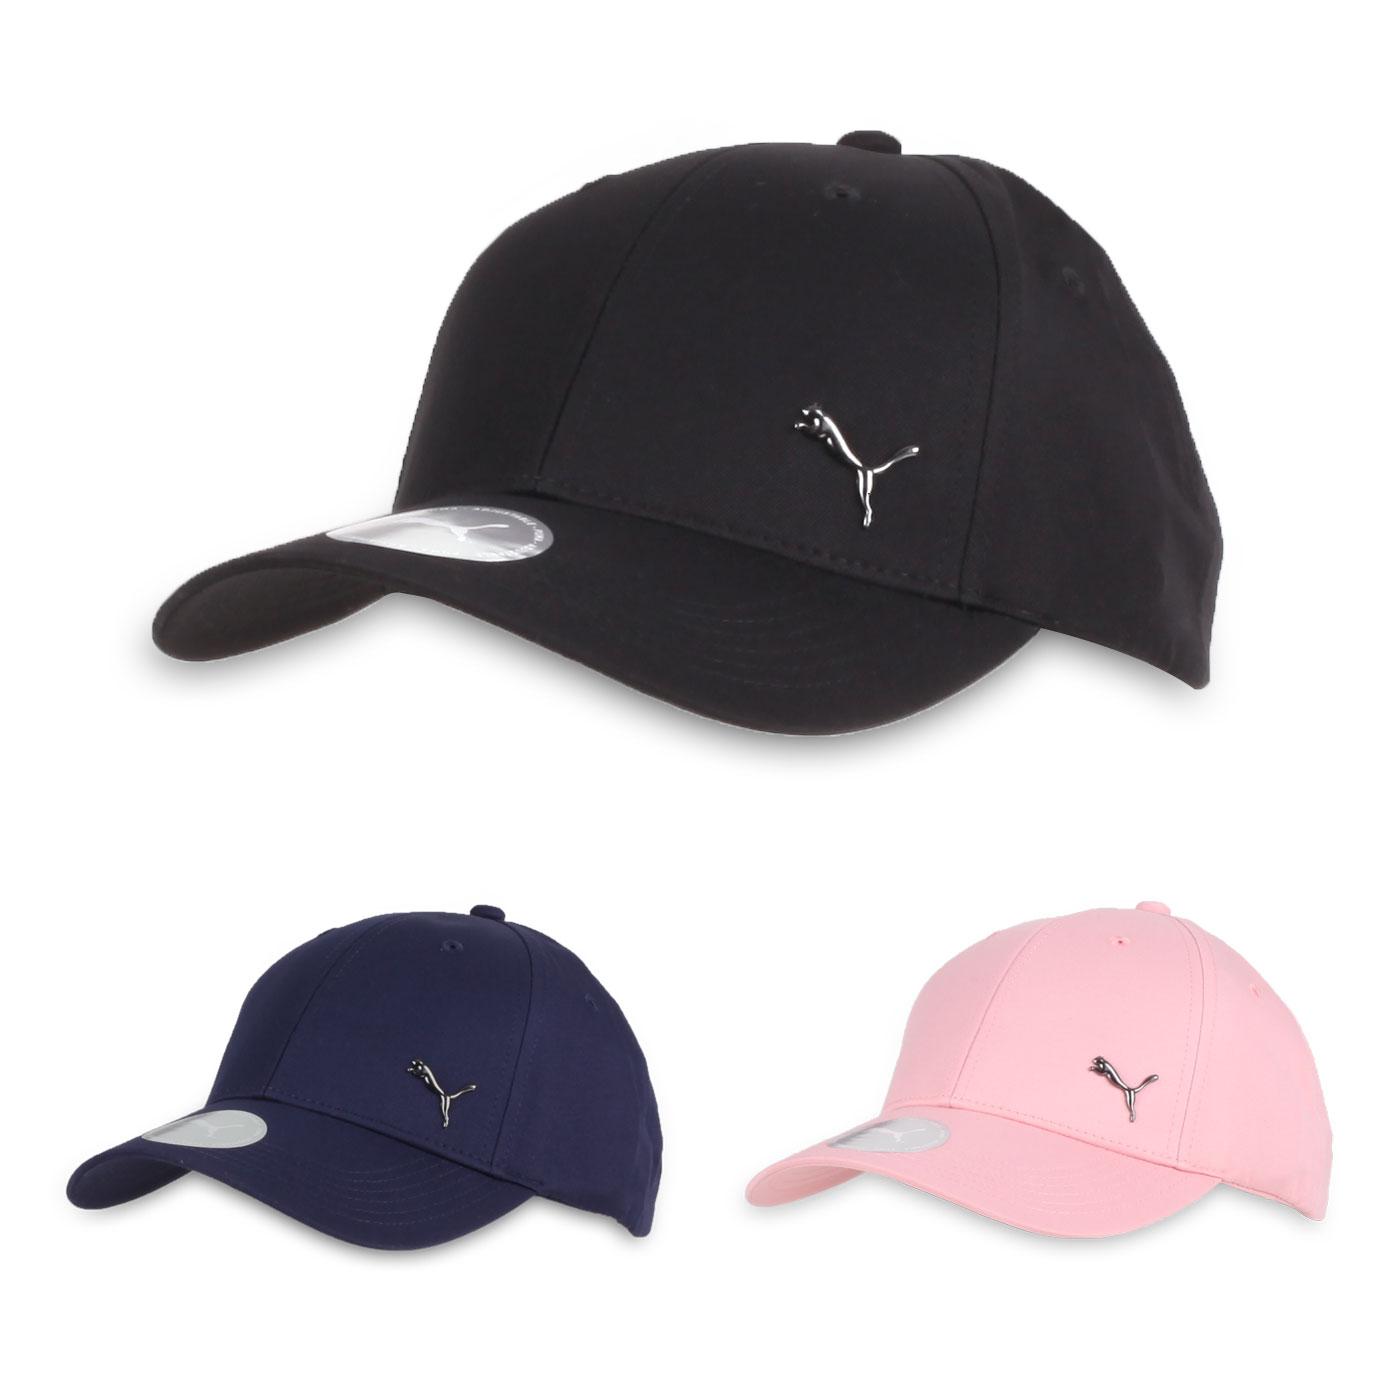 PUMA 基本系列棒球帽 02126901